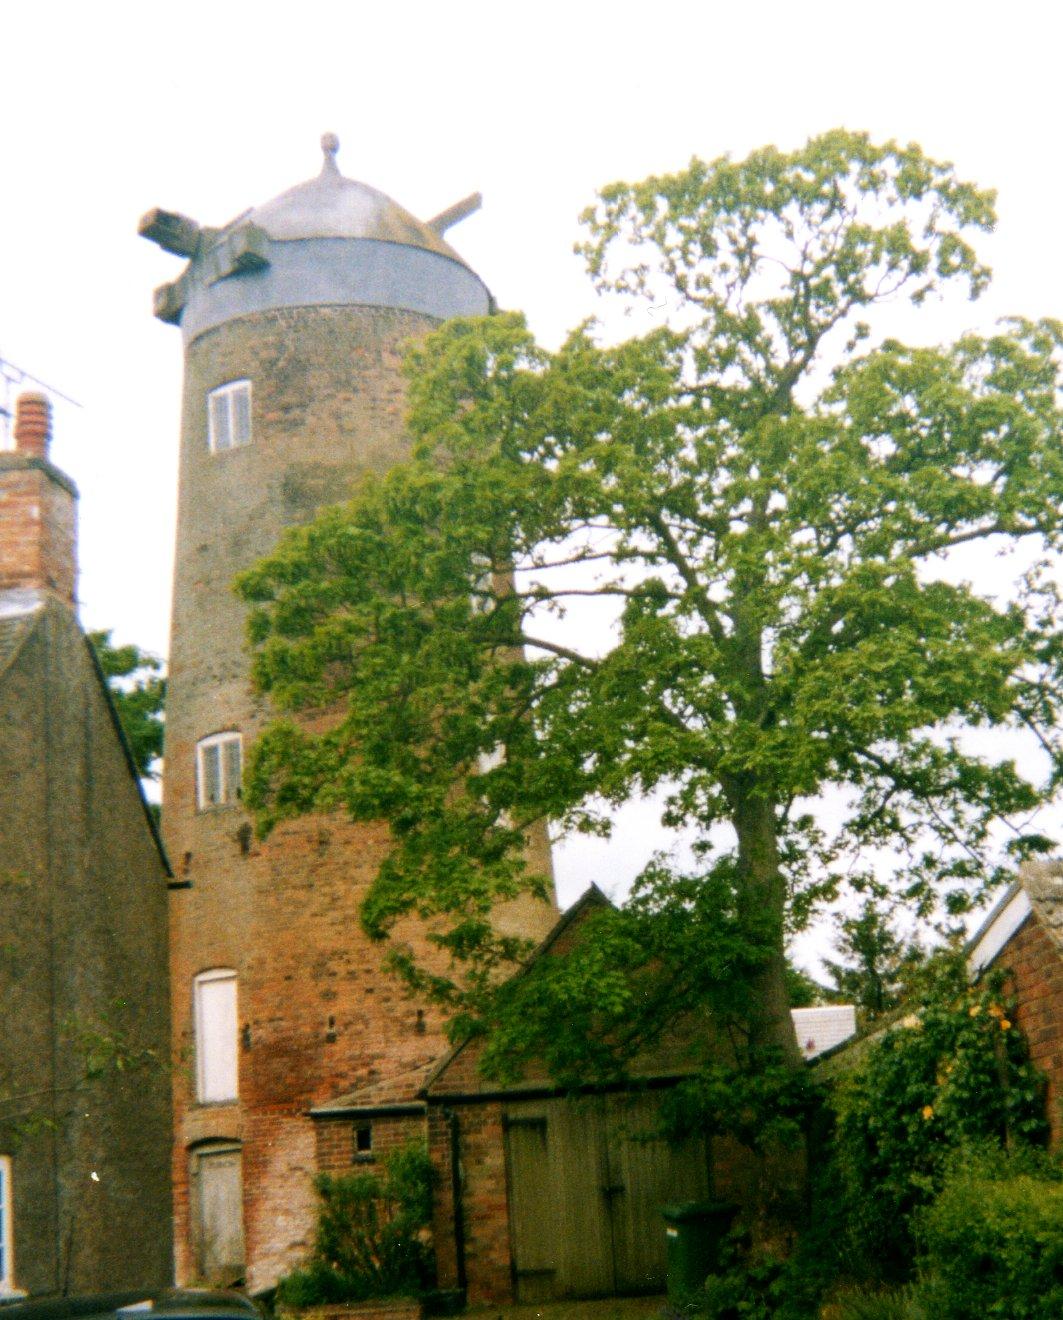 Ullesthorpe Windmill